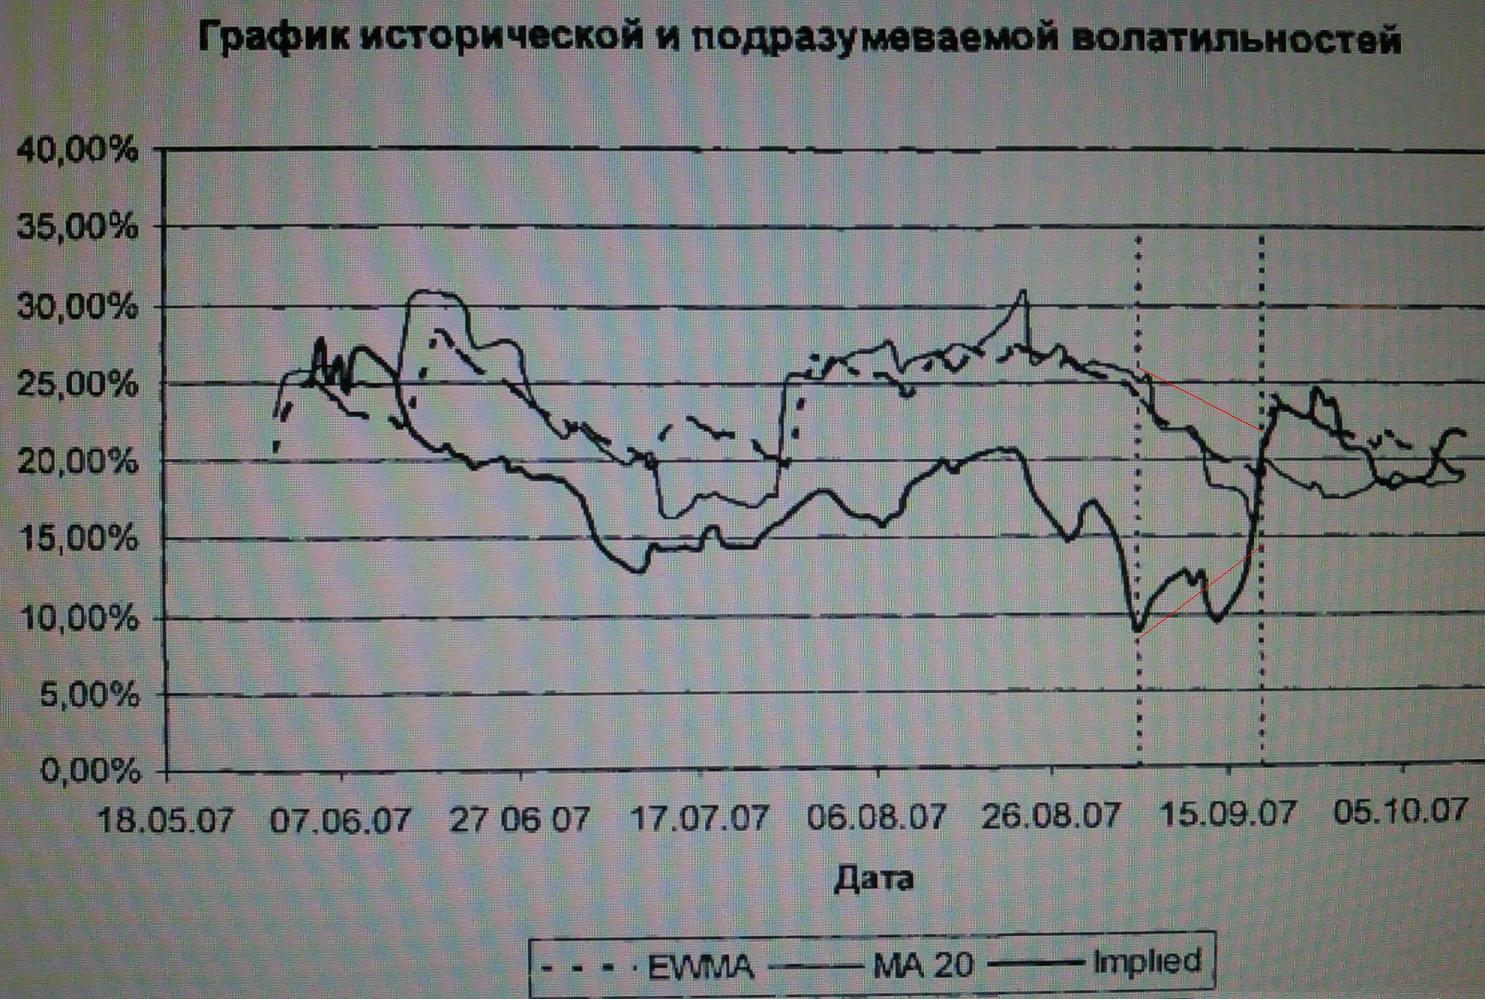 график исторической и подразумеваемой волатильностей фьючерса на индекс РТС